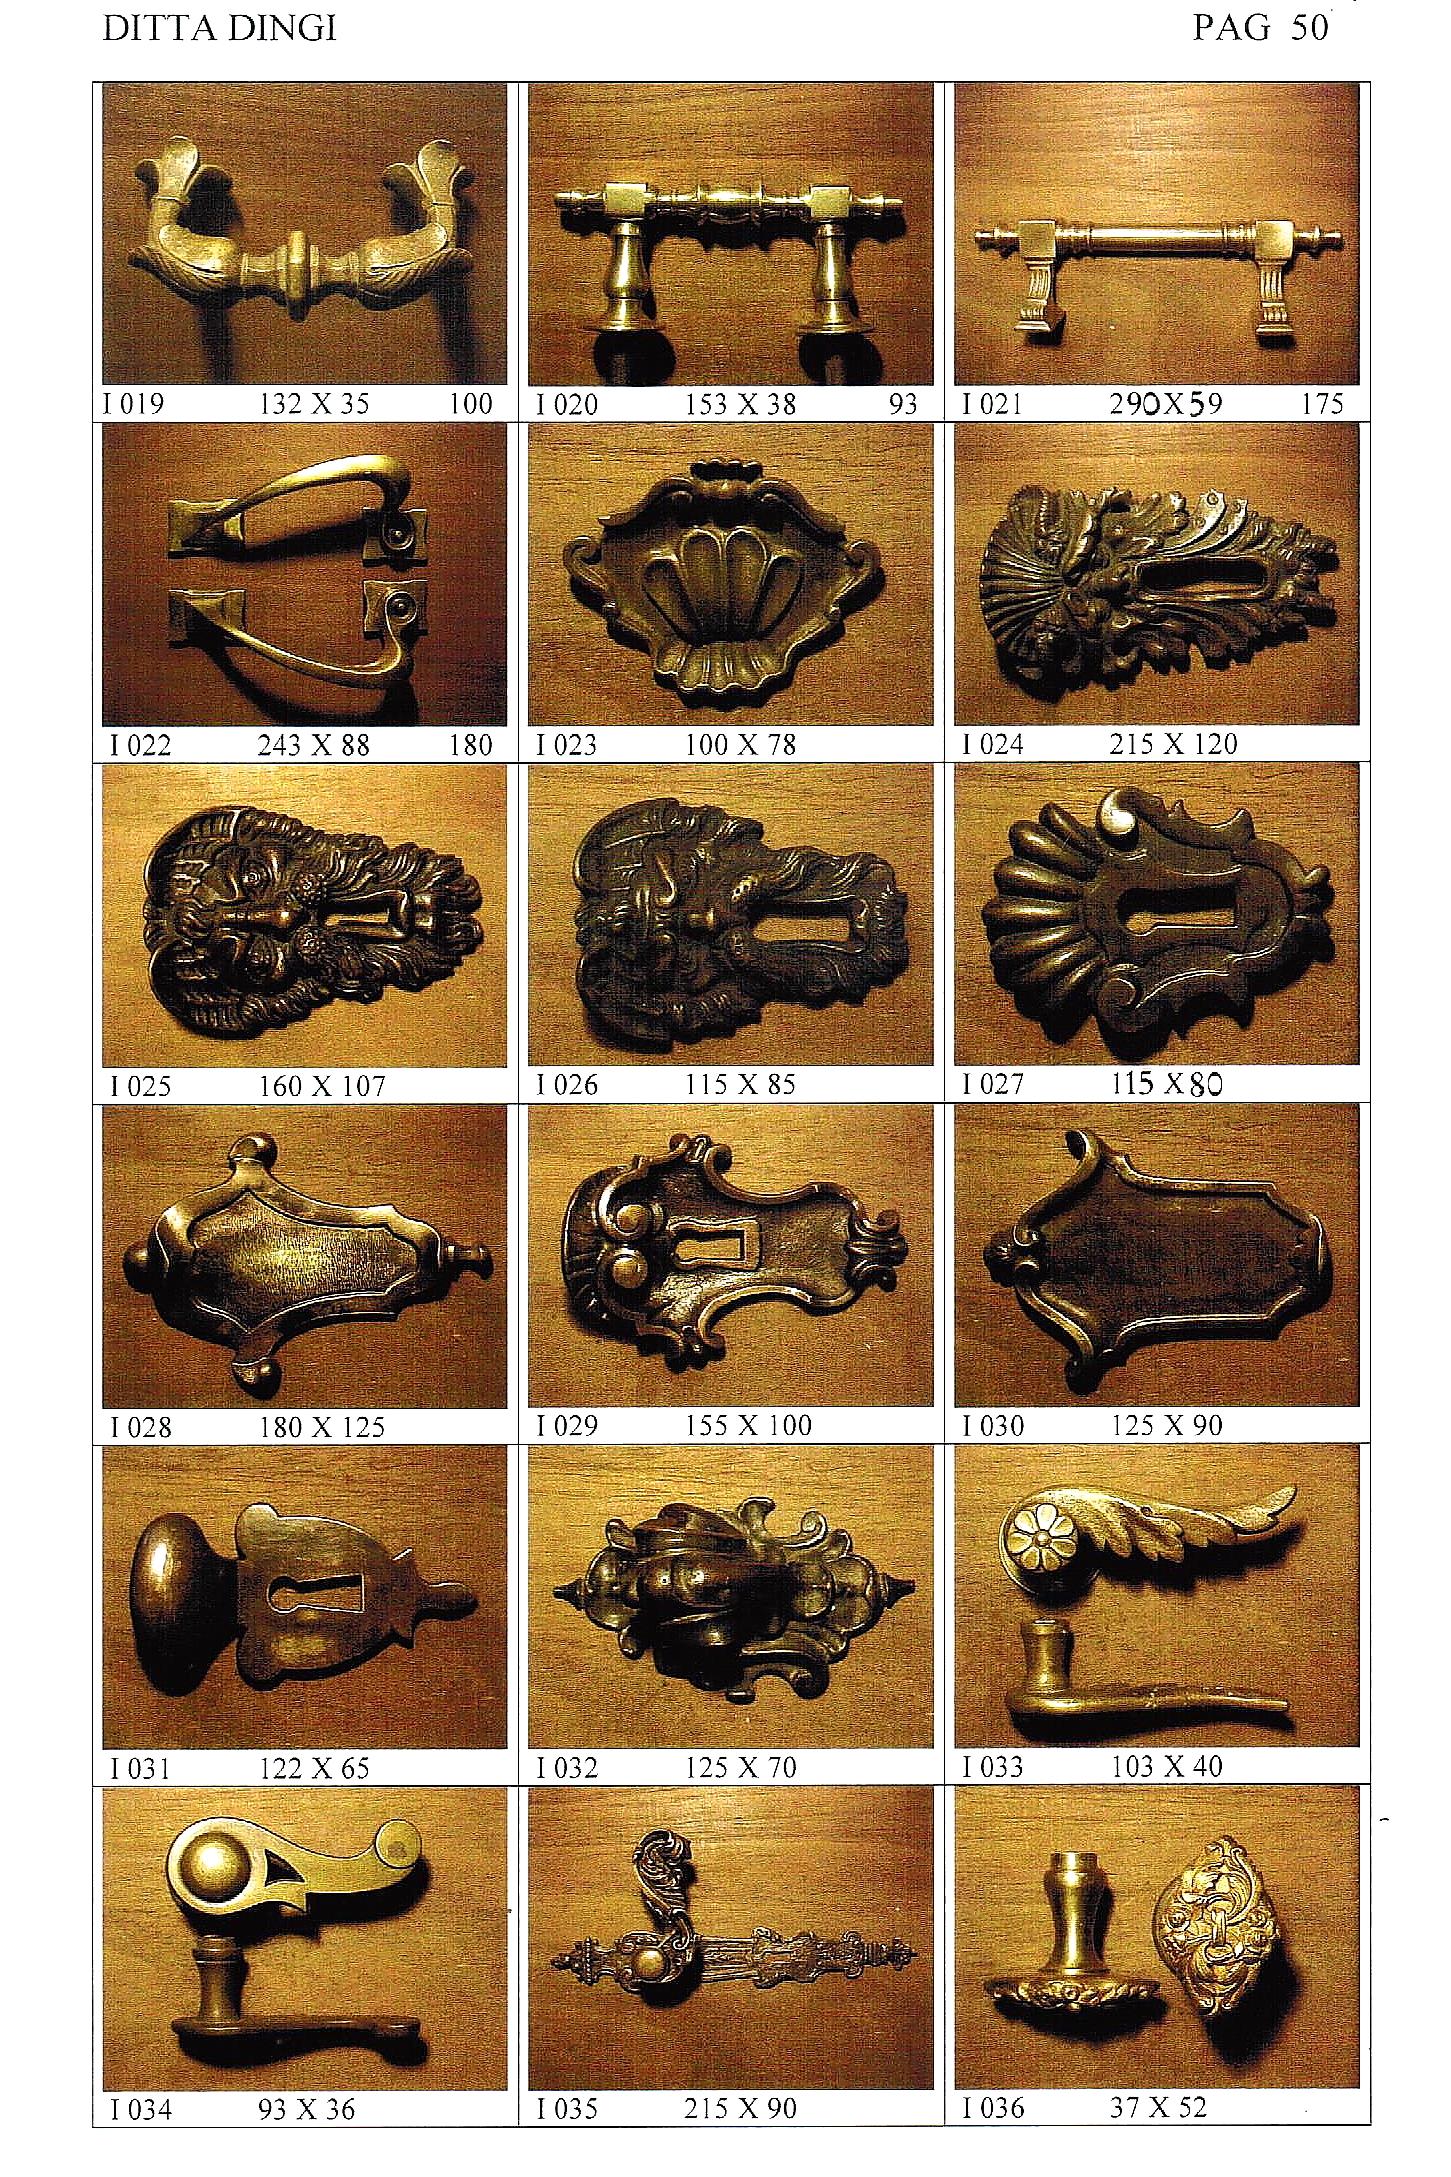 Foto Di Porte Antiche maniglie per porte antiche - dingi